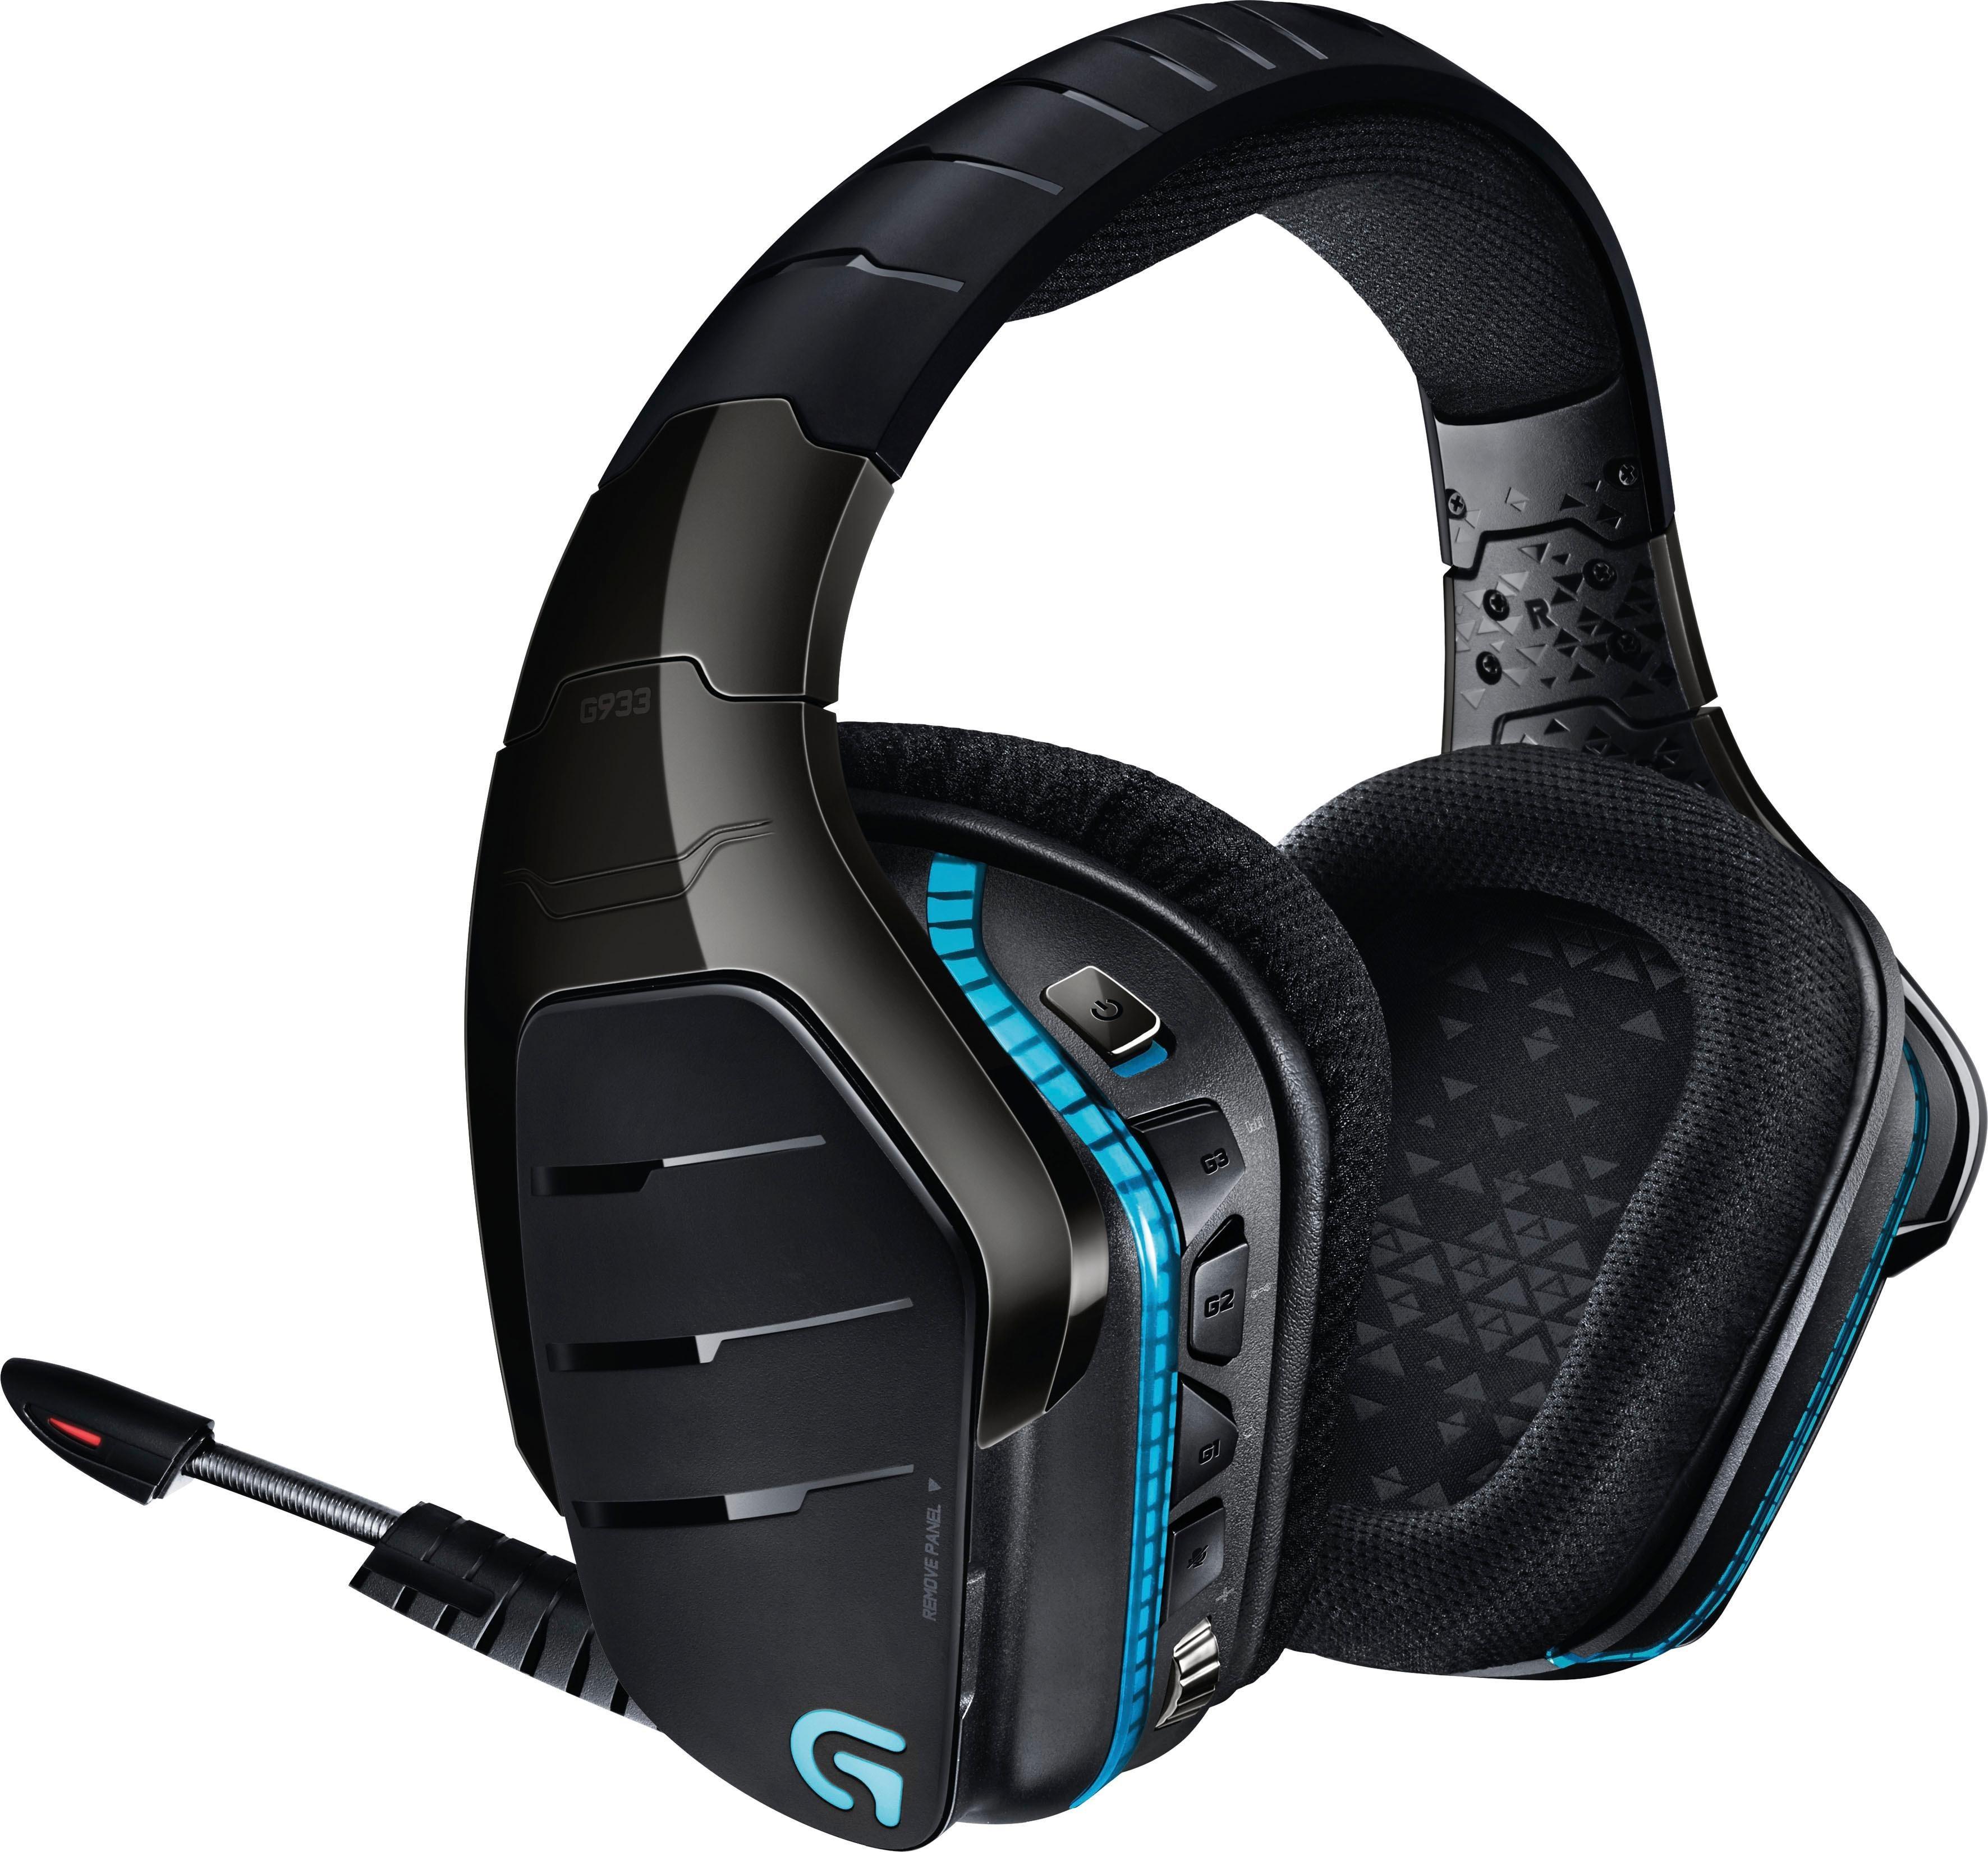 »G933 Artemis Spectrum Wireless 7.1 Surround« Gaming-Headset (Rauschunterdrückung)